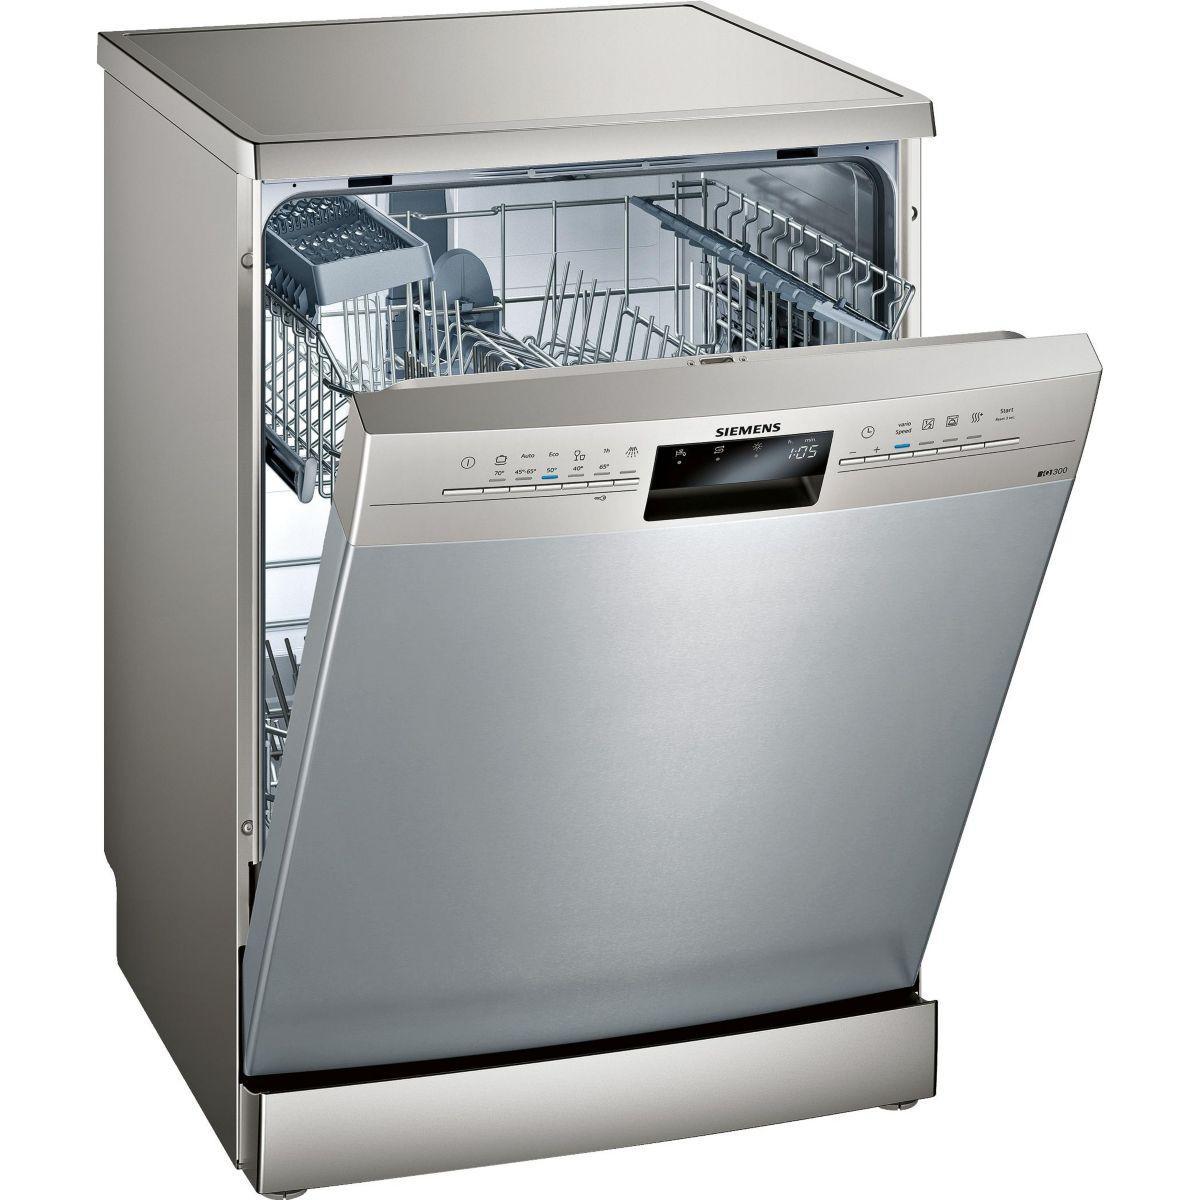 Lave-vaisselle silencieux 60cm siemens pg ex sn236i02ge - notre selection (photo)